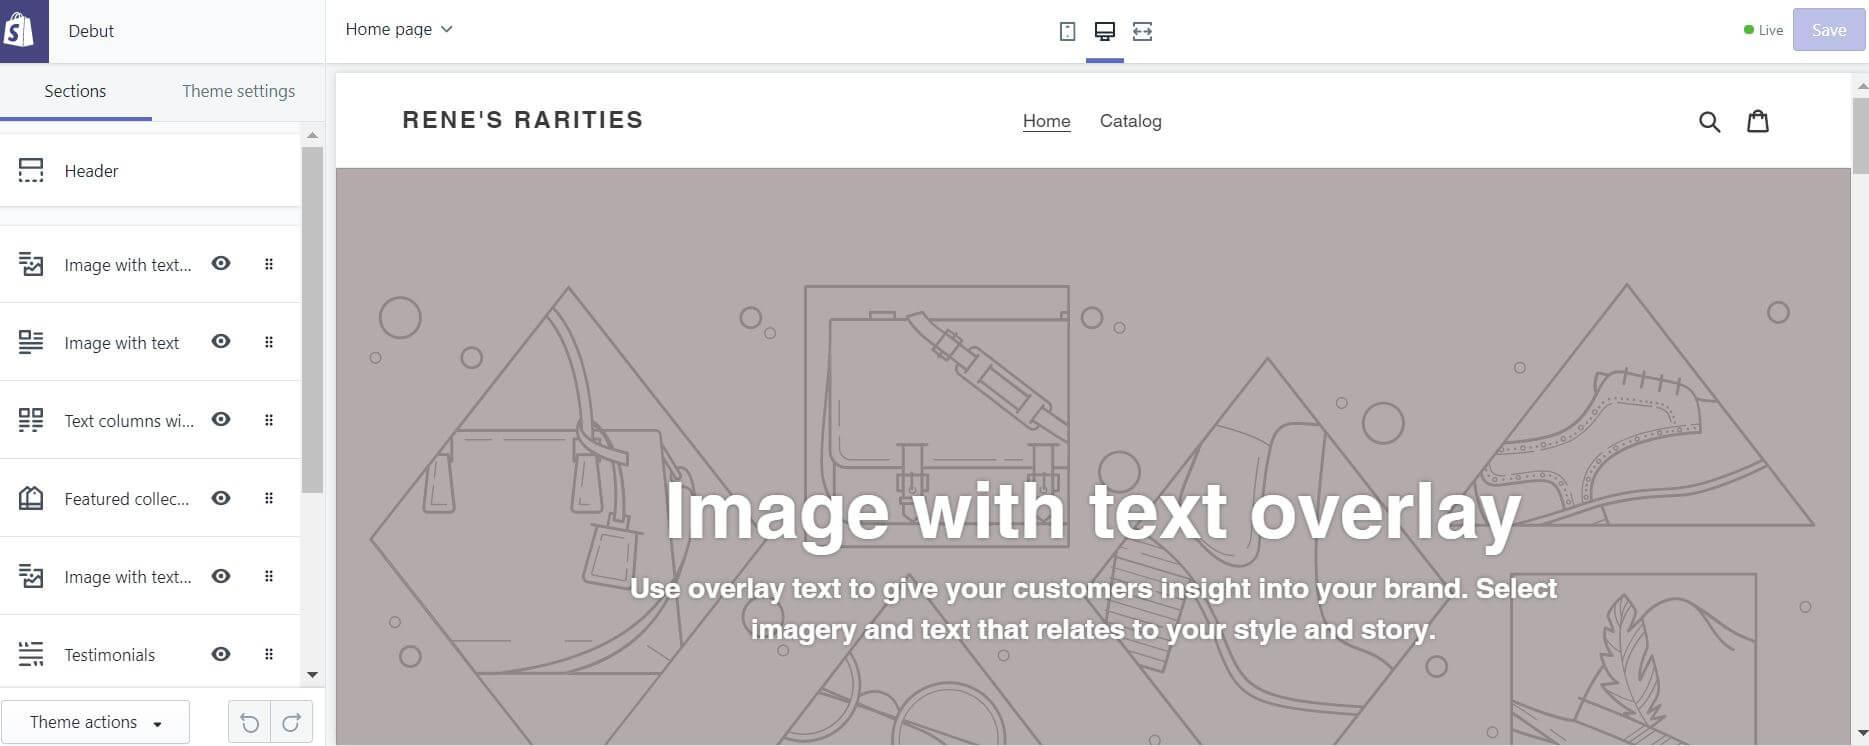 Customizing a Shopify theme